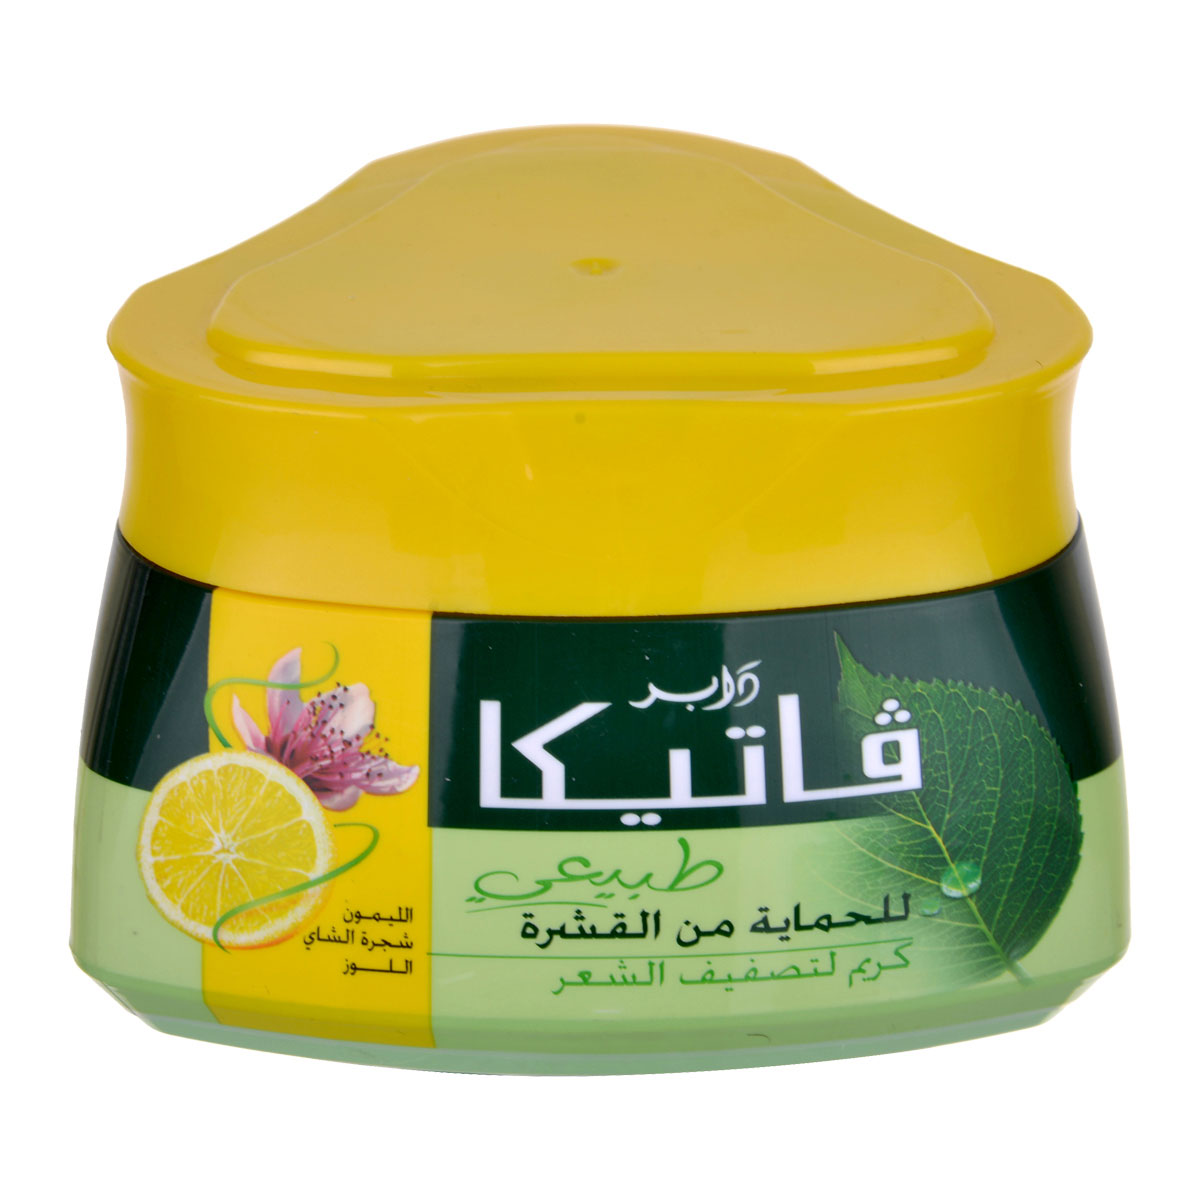 فاتيكا كريم الشعر للحماية من القشرة- الليمون, شجرة الشاي , اللوز -  140مل